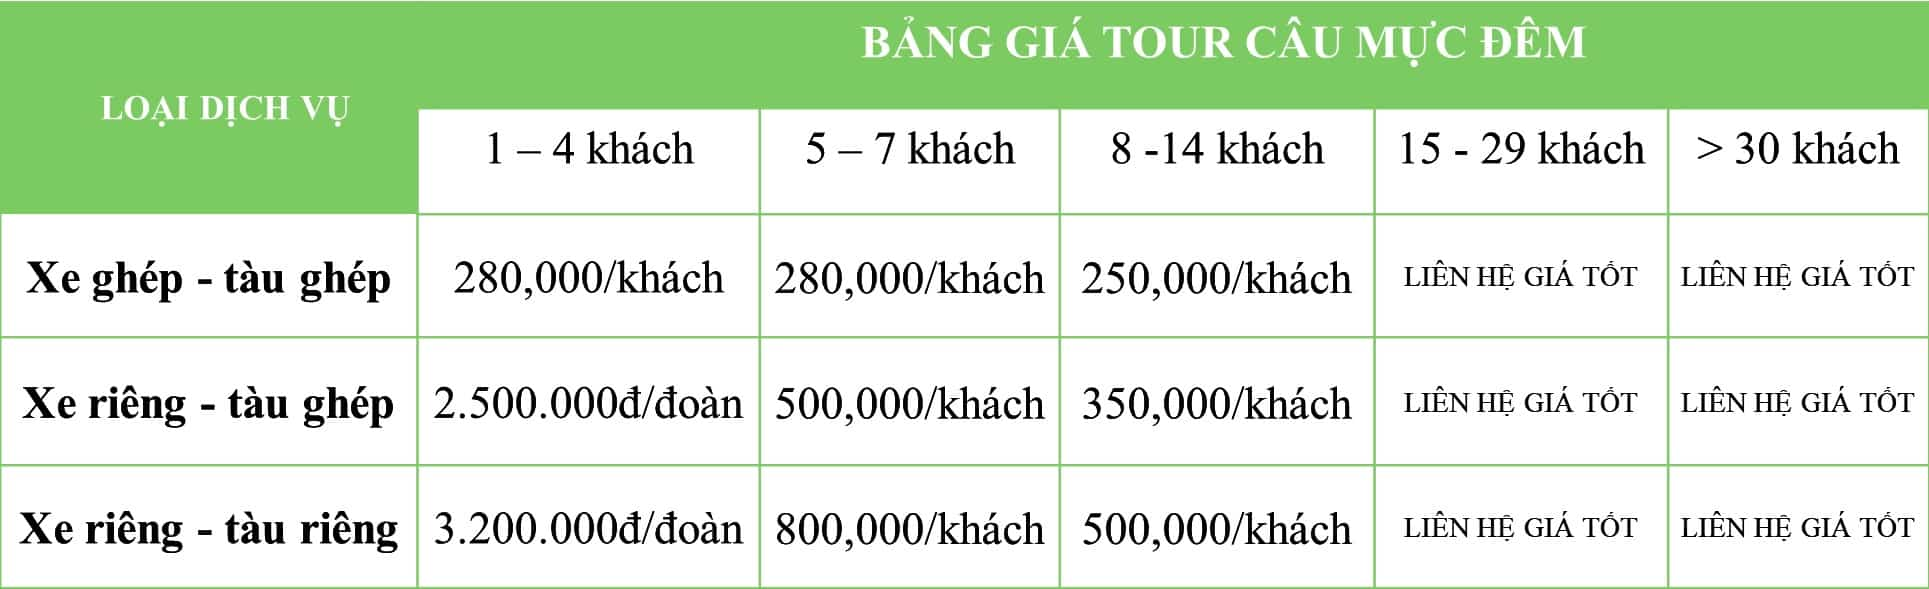 Bảng Giá Tour Câu Mực Phú Quốc